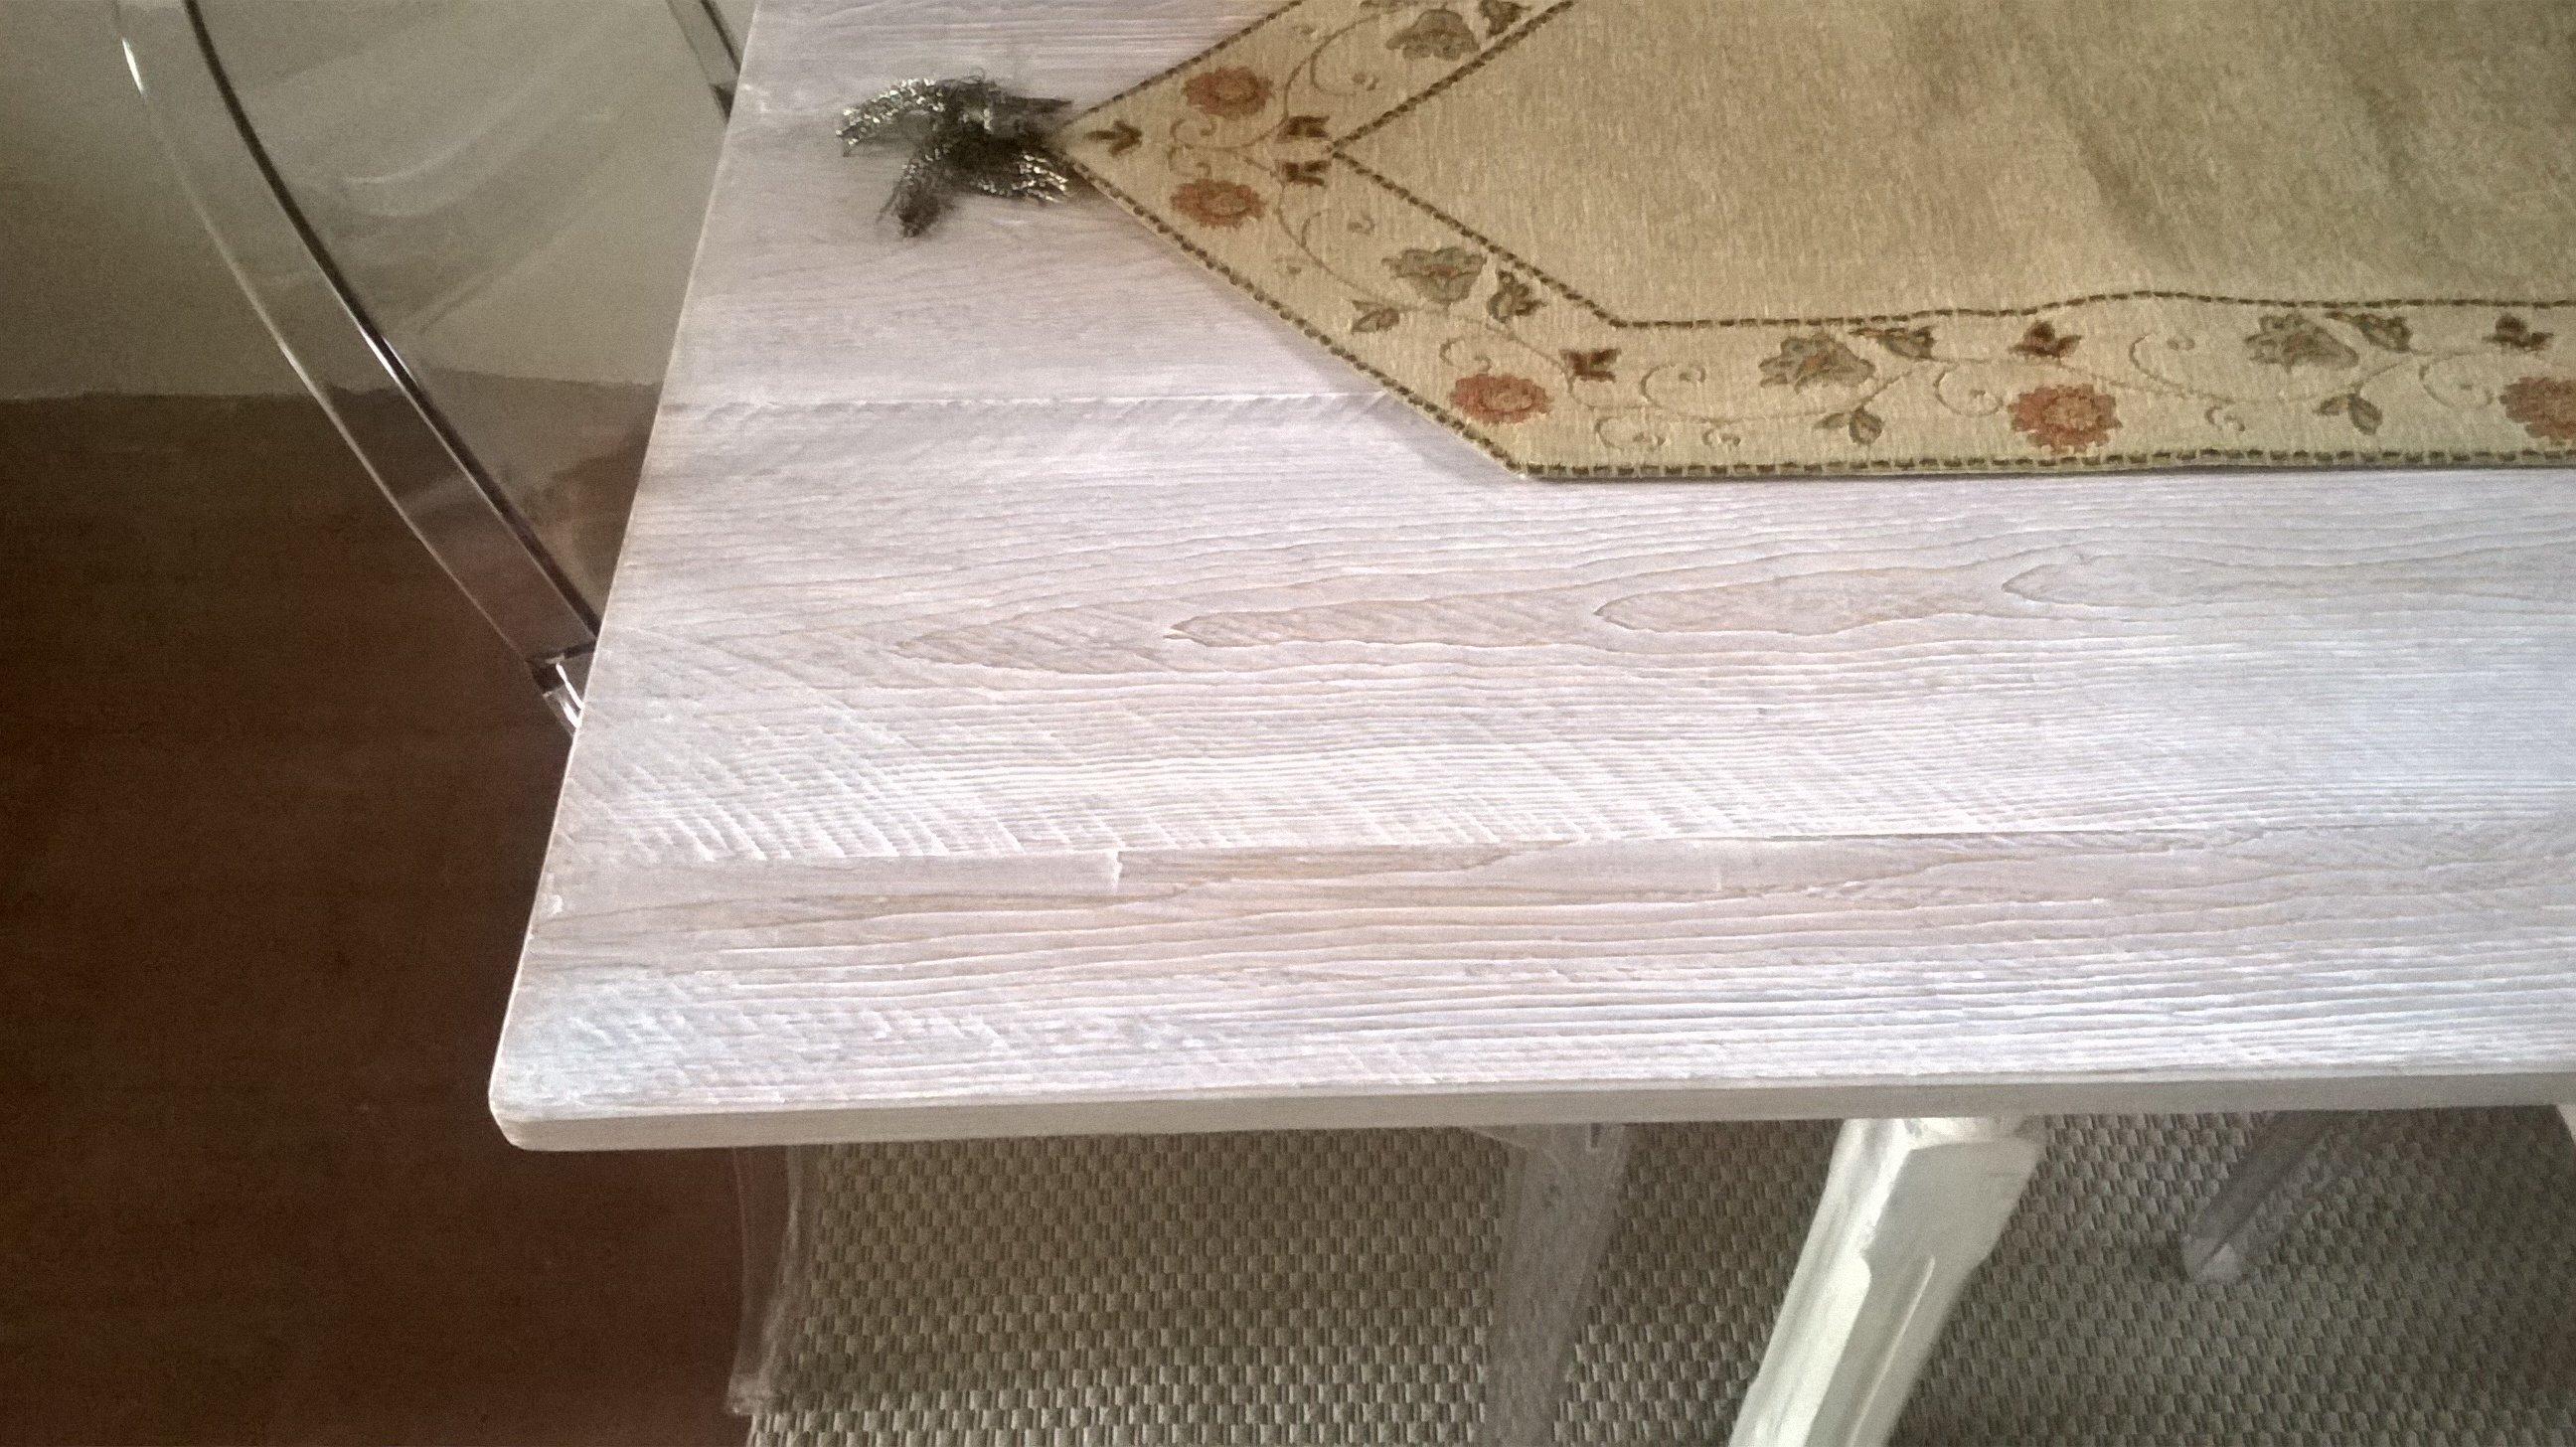 Tavolo in legno con tovaglietta